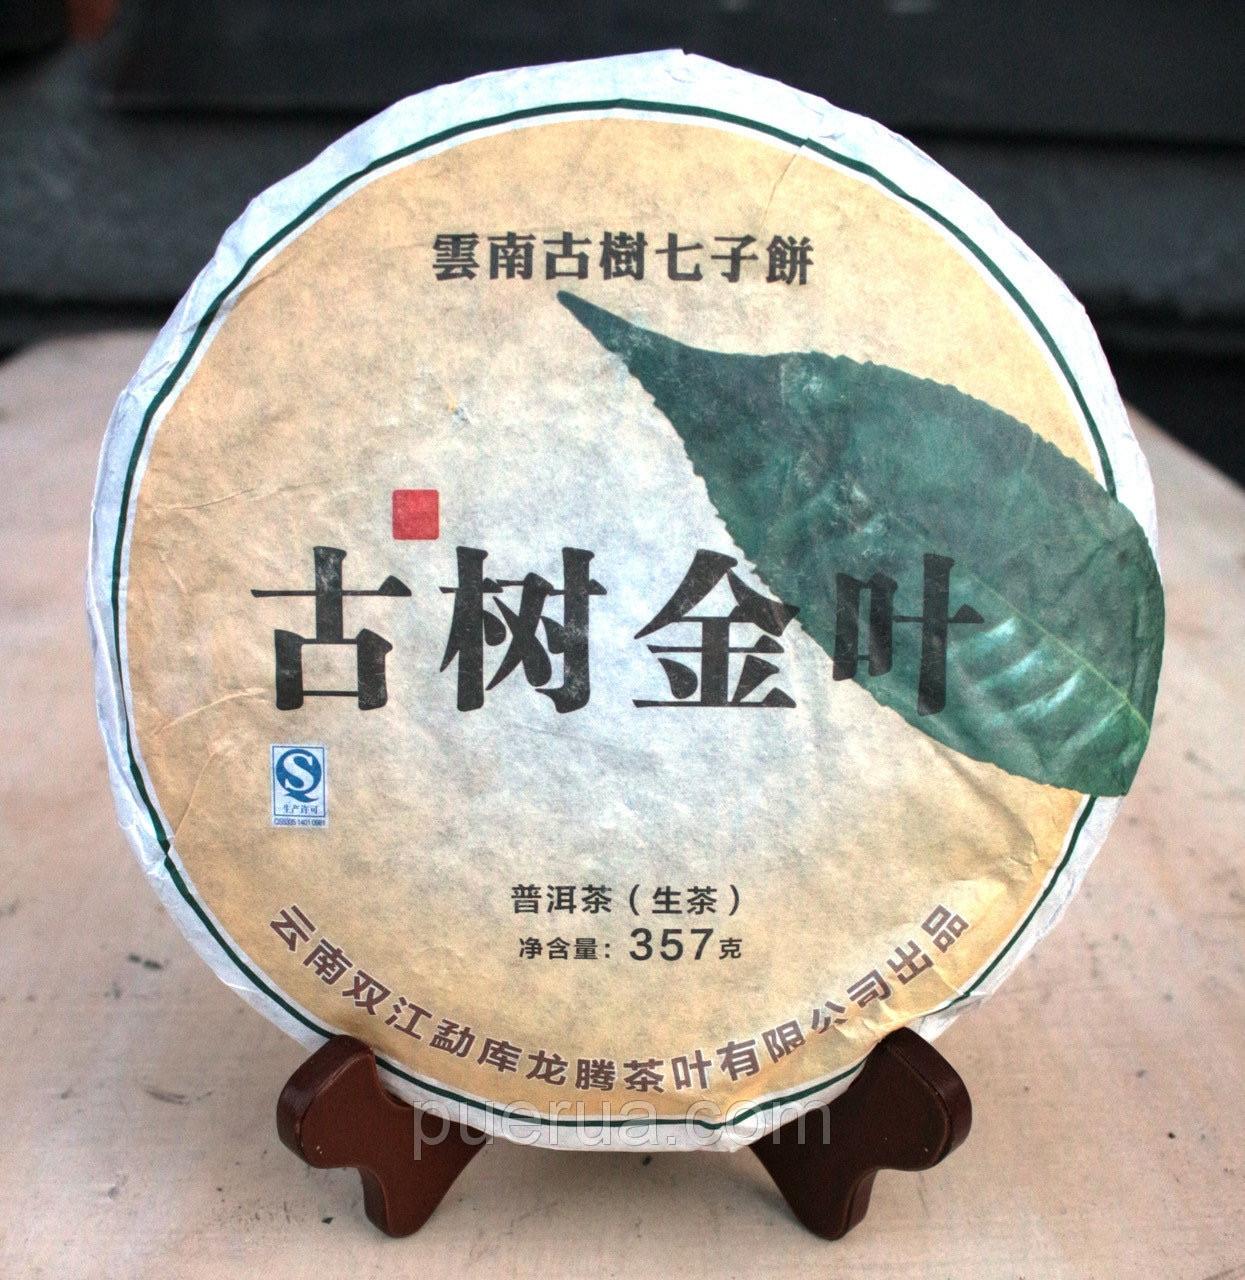 Шен пуэр Хорошего качества 357 грамм